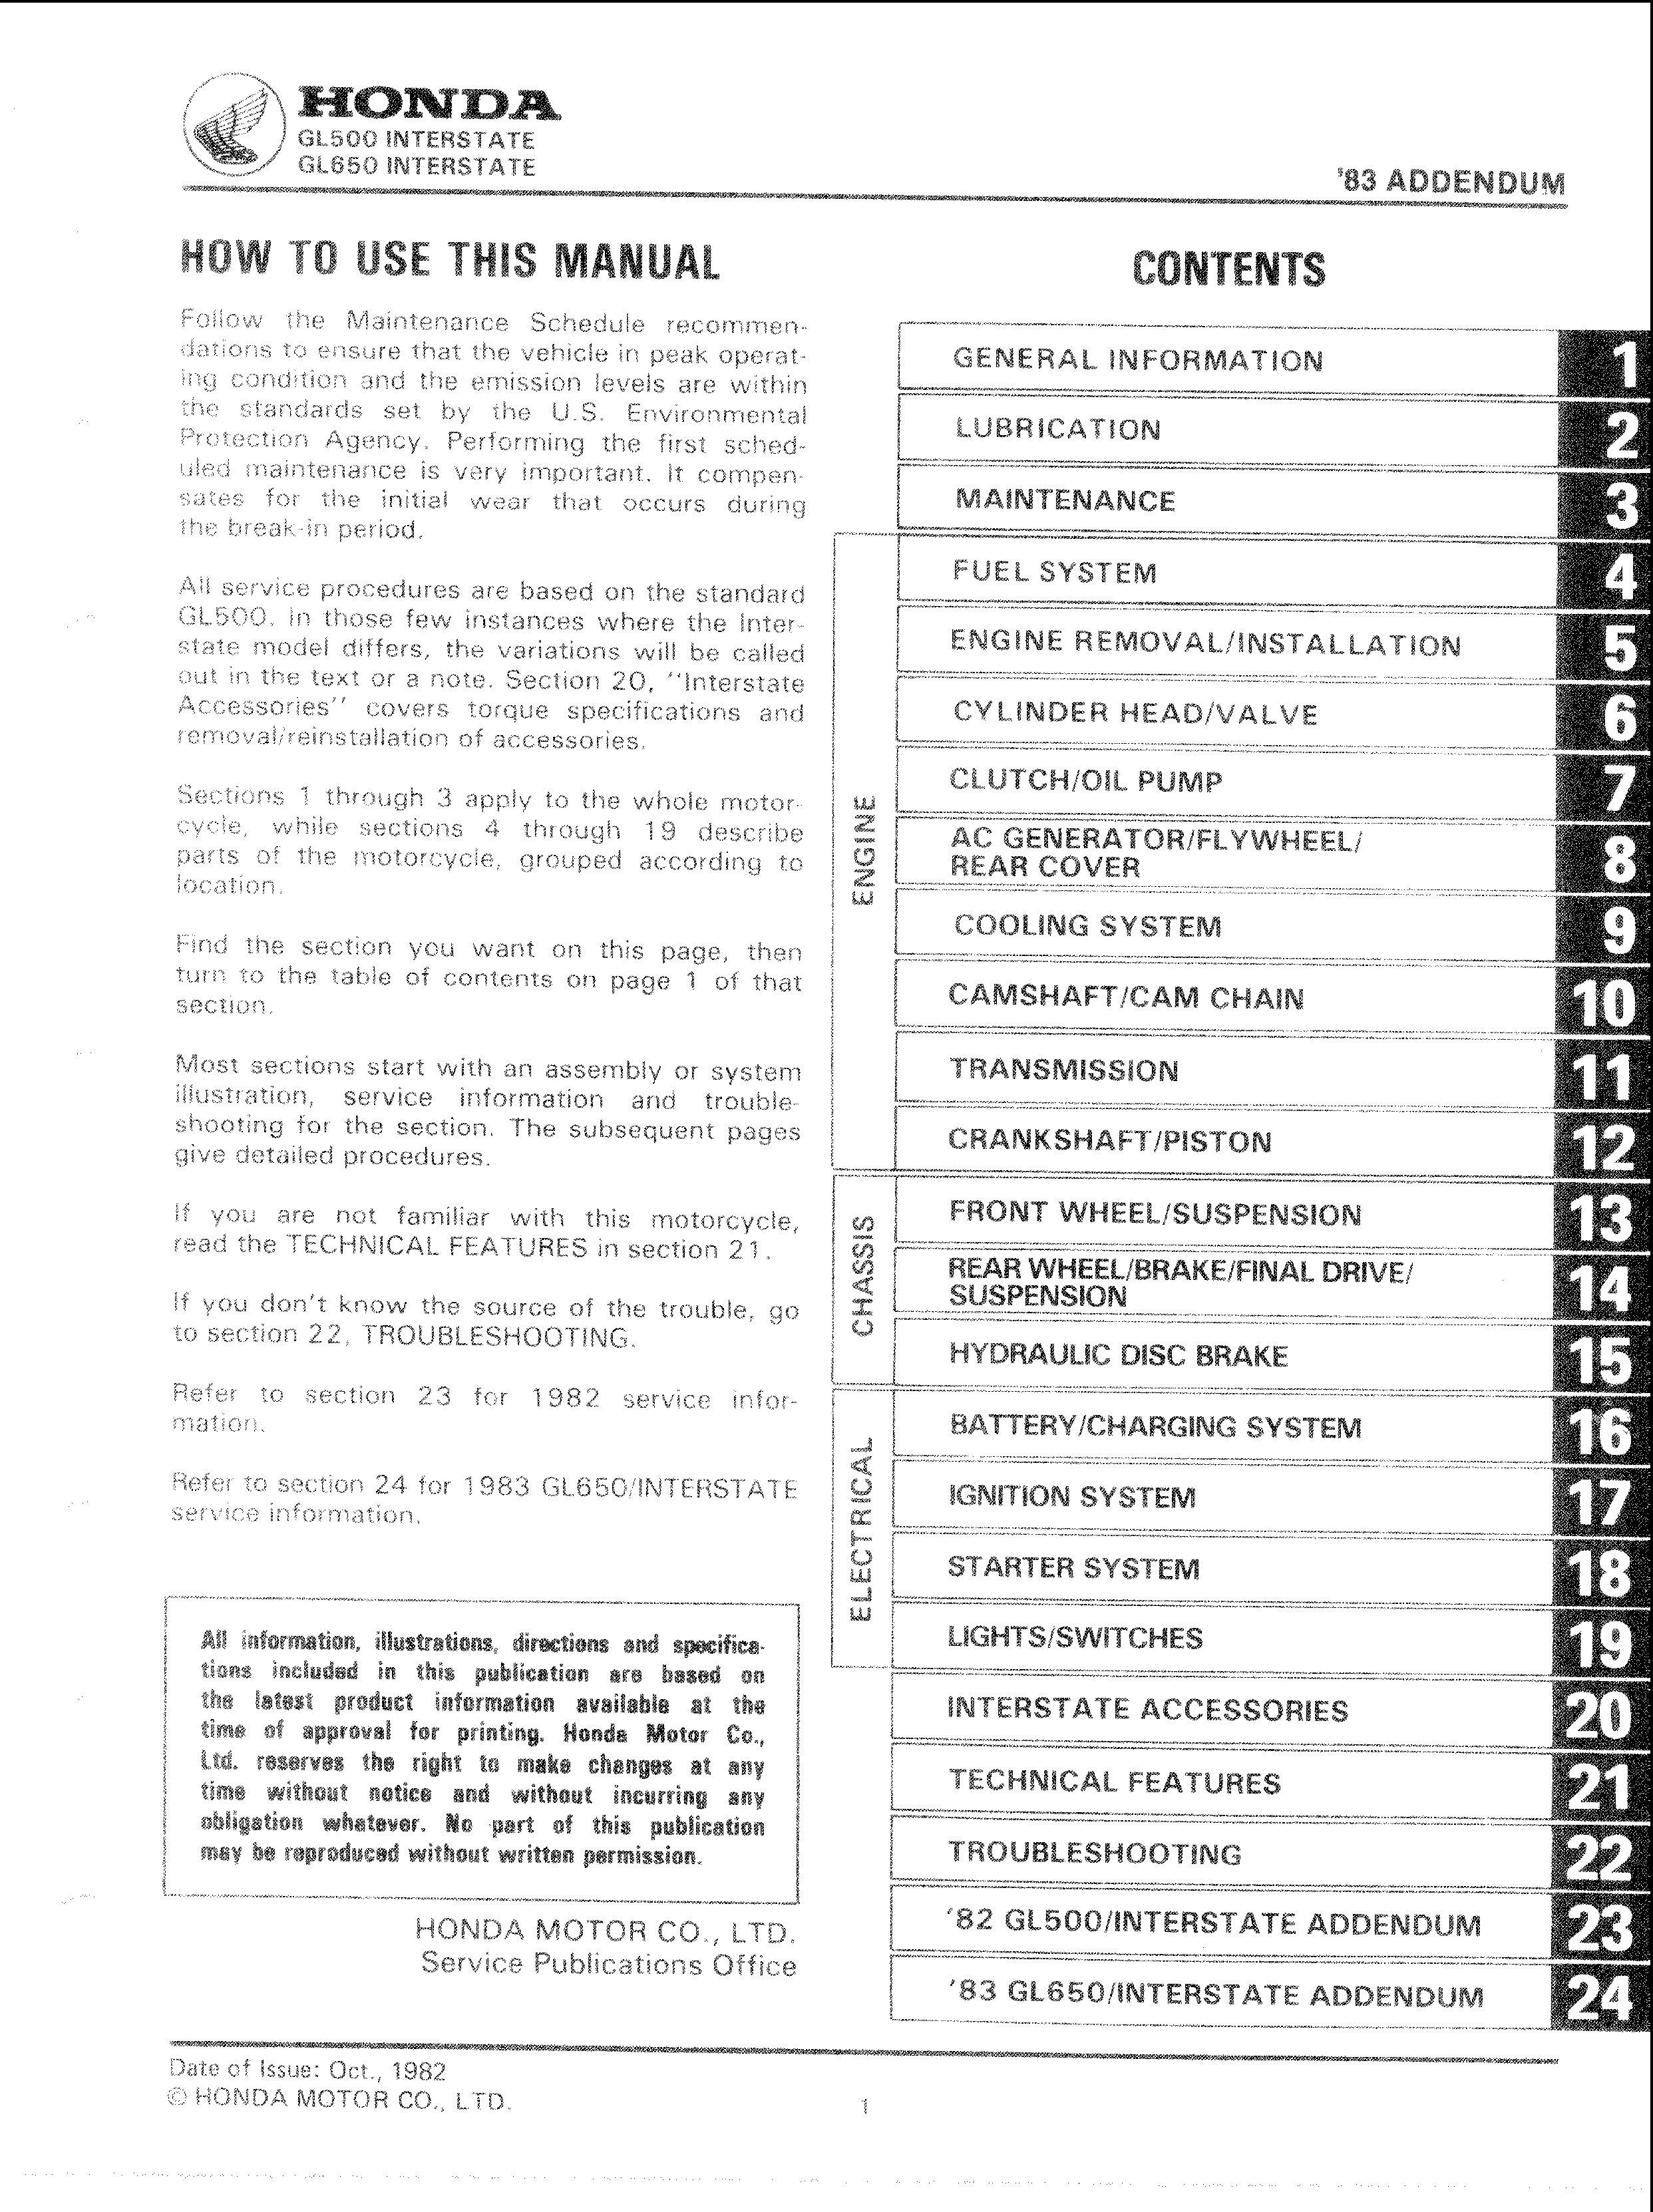 Workshop manual for Honda GL600 (1982)